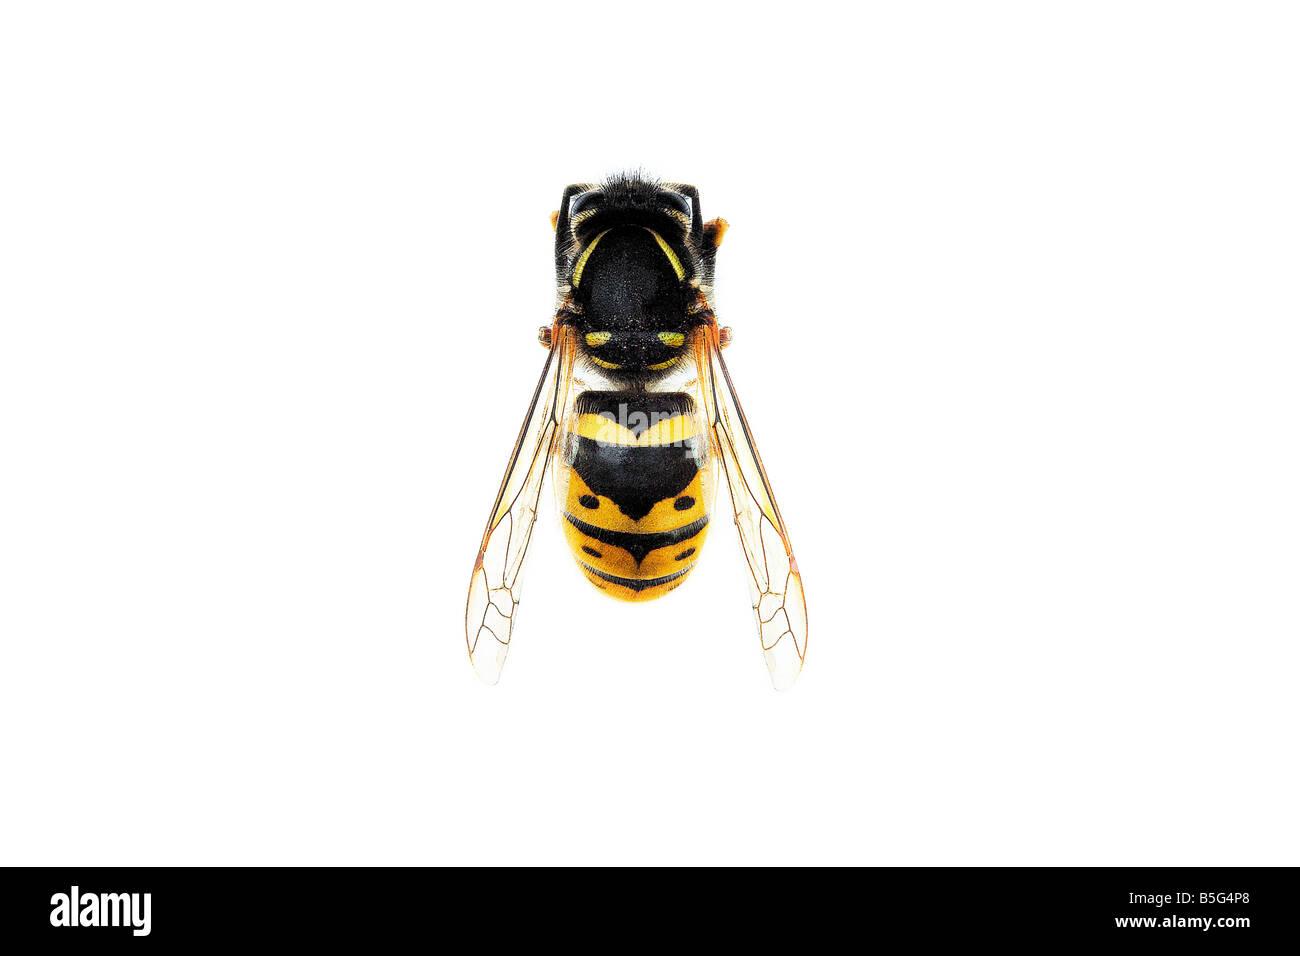 Wasp on white background - Stock Image